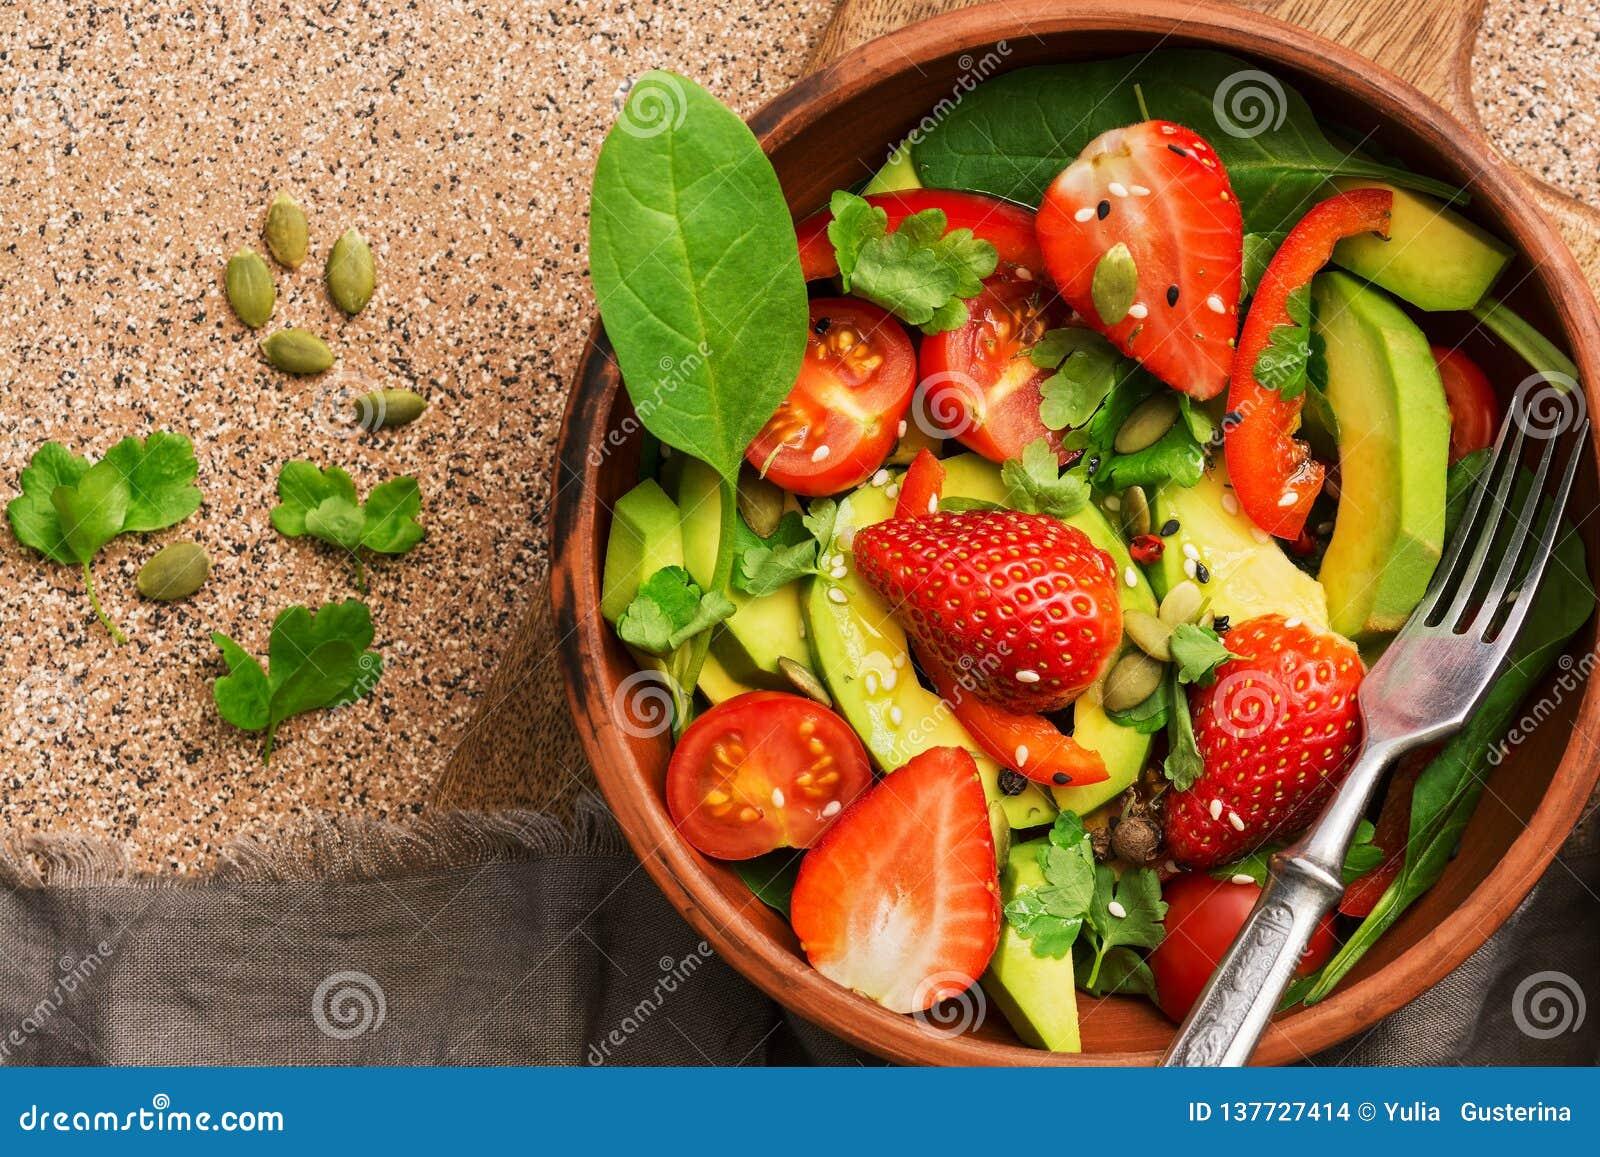 Φυτική υγιής χορτοφάγος σαλάτα, αβοκάντο, σπανάκι, φράουλα, ντομάτα, πράσινα, γλυκά πιπέρια, σπόροι Τοπ άποψη, διάστημα αντιγράφω